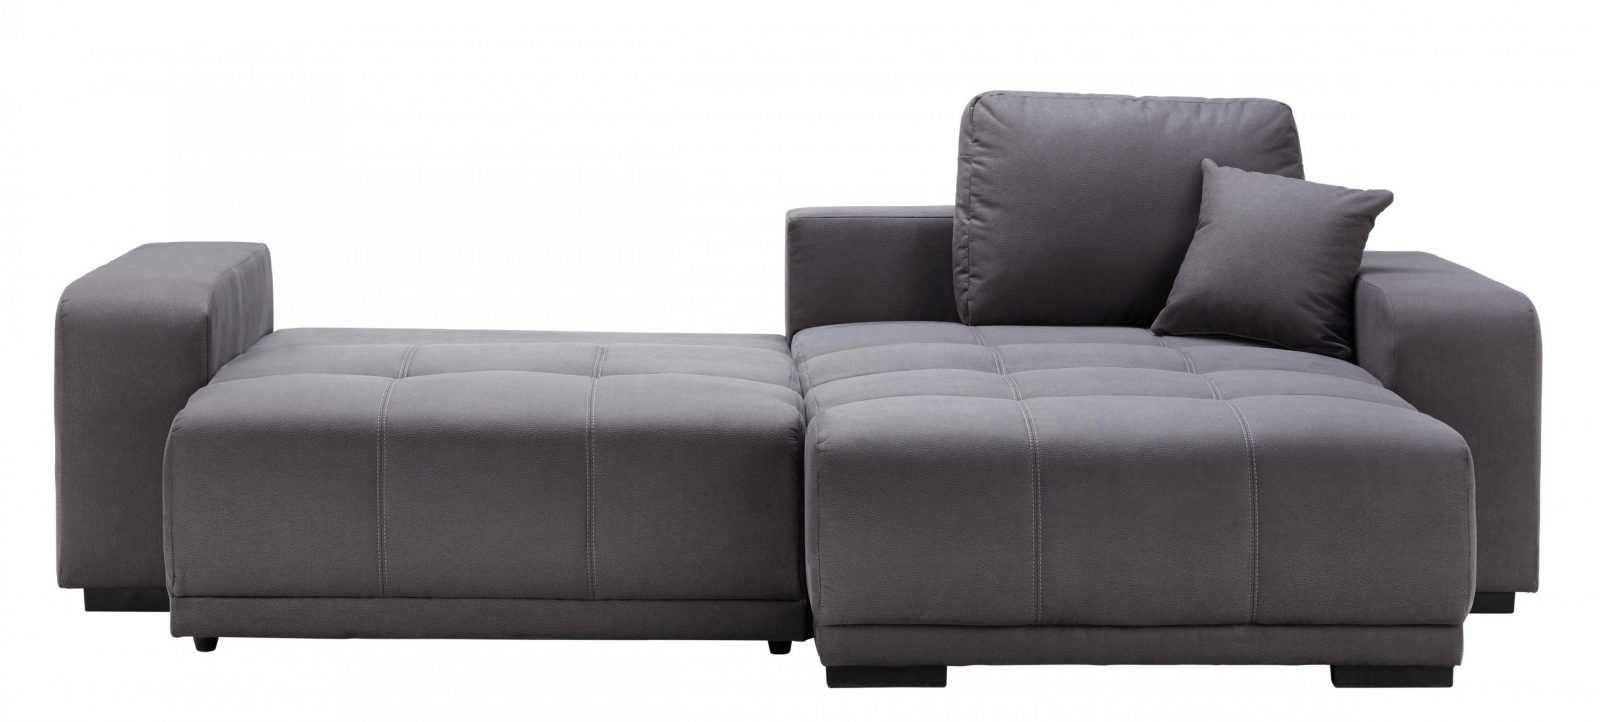 Zweisitzer Sofa Landhausstil Gunstig Selber Bauen Ausziehbar Mit von Couch Zweisitzer Zum Ausziehen Bild